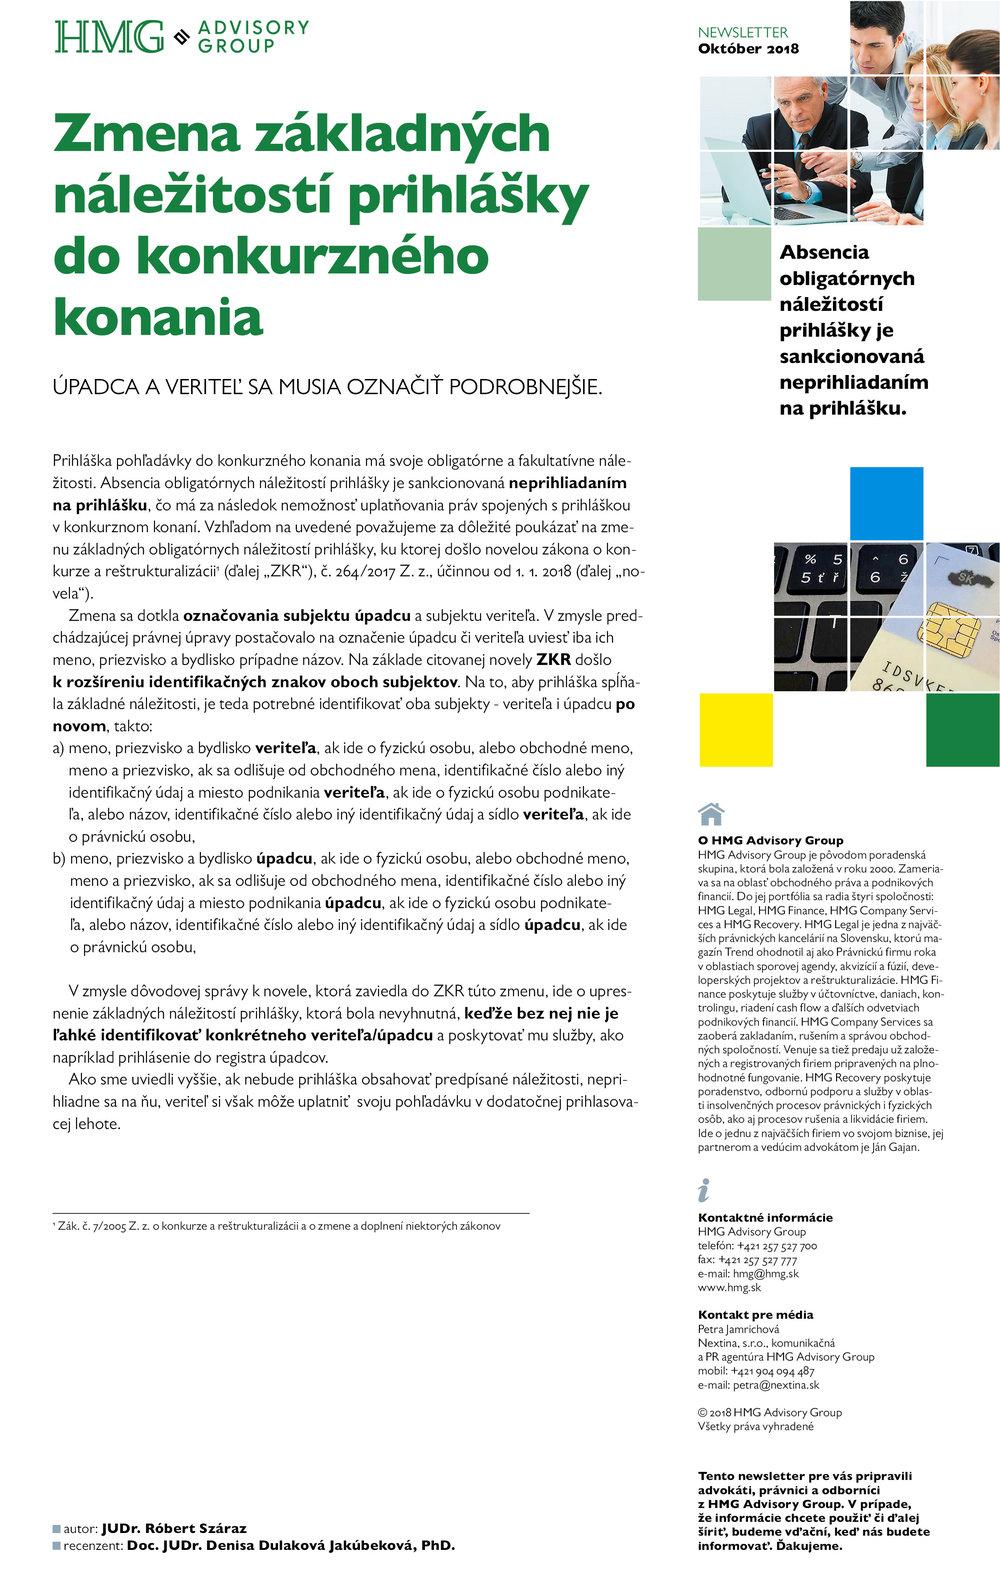 HMG_newsletter_konkurzne konanie.jpg